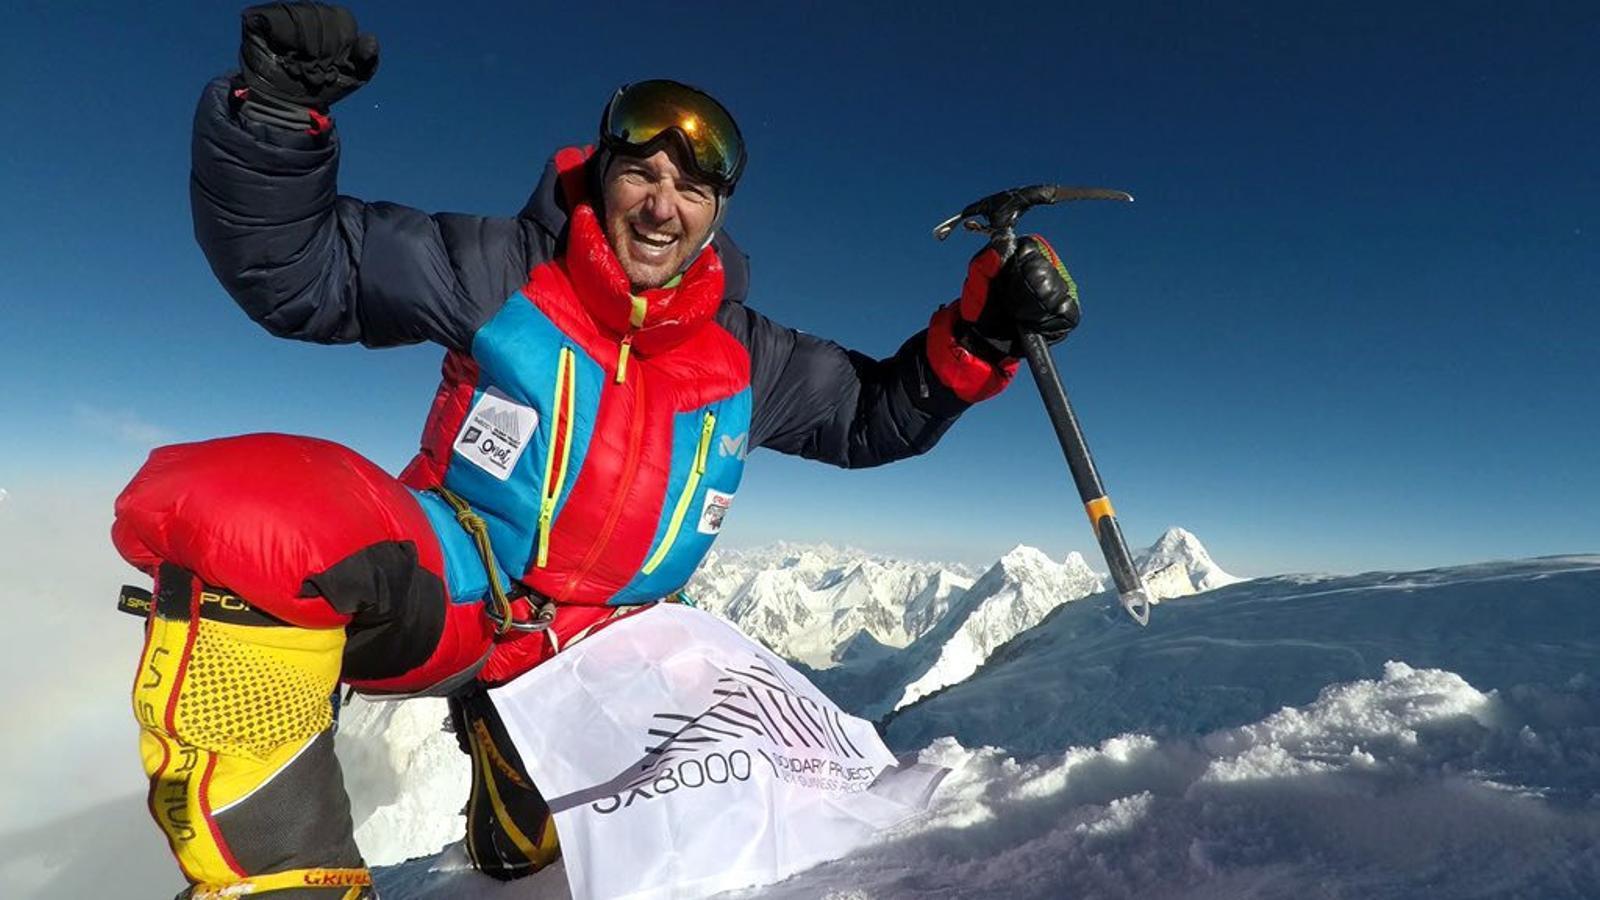 Mingote, en una imatge d'arxiu, havia aconseguit coronar sis cims de més de 8.000 metres en un sol any.